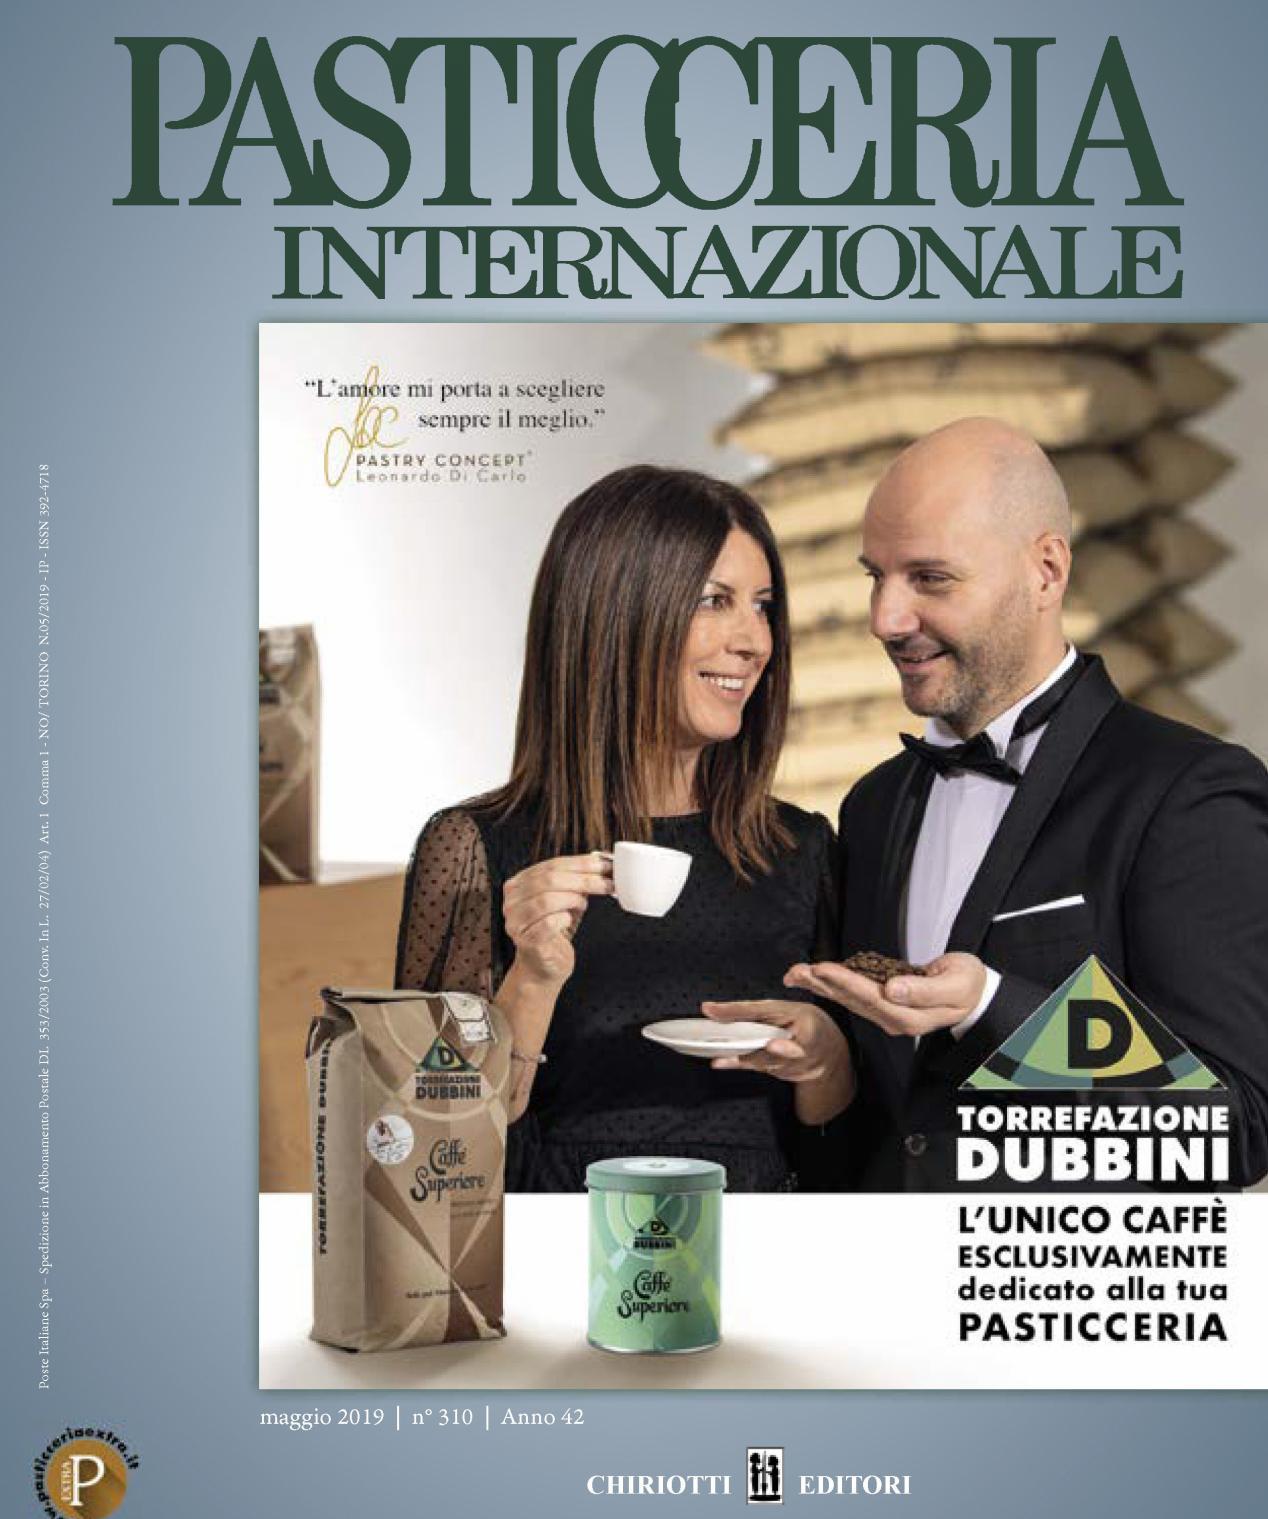 pasticceria-internazionale-matrimoni-2